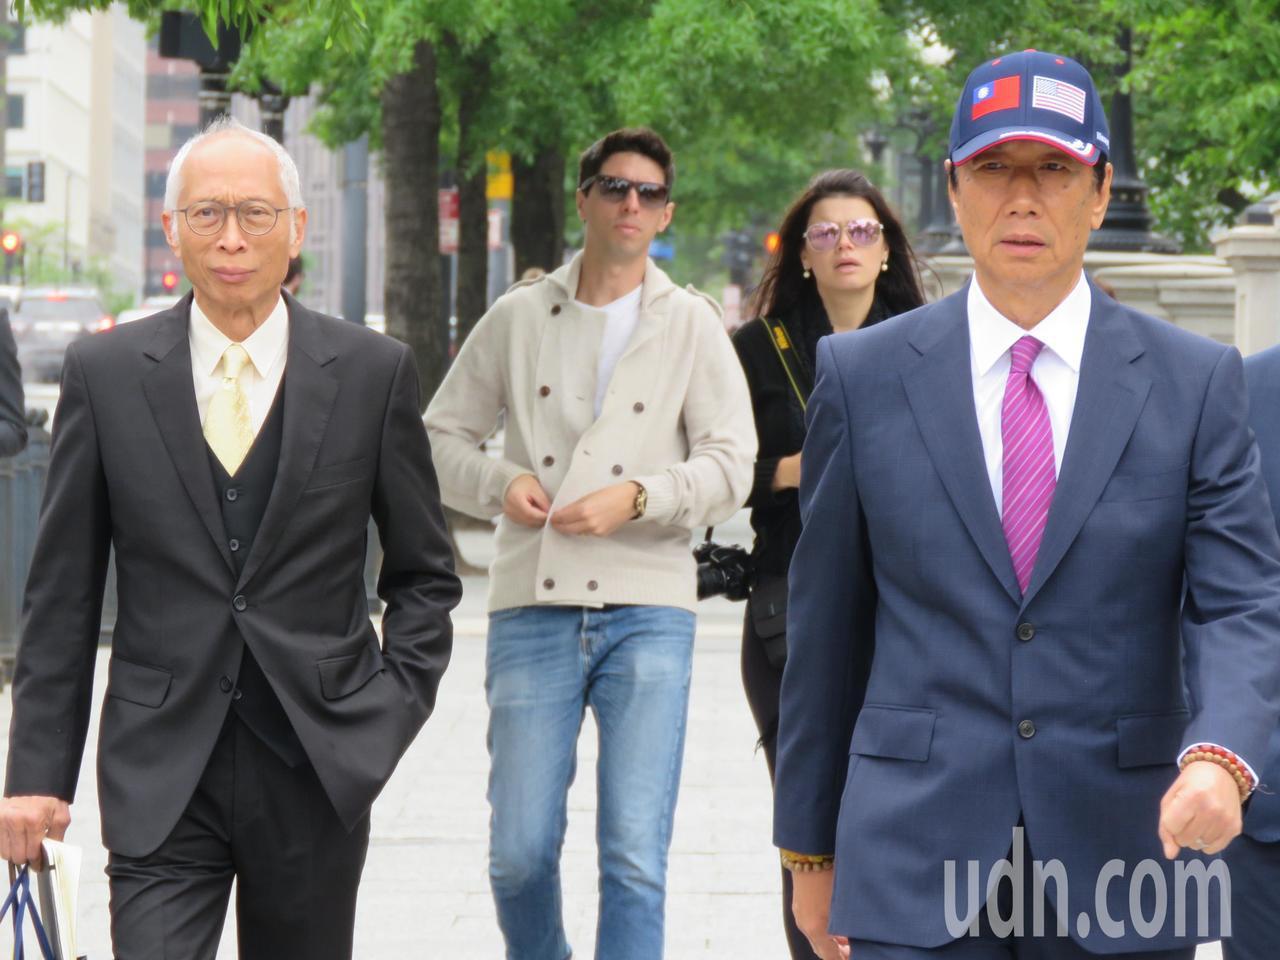 鴻海董事長郭台銘(右)美東時間1日進入白宮。華盛頓記者張加/攝影